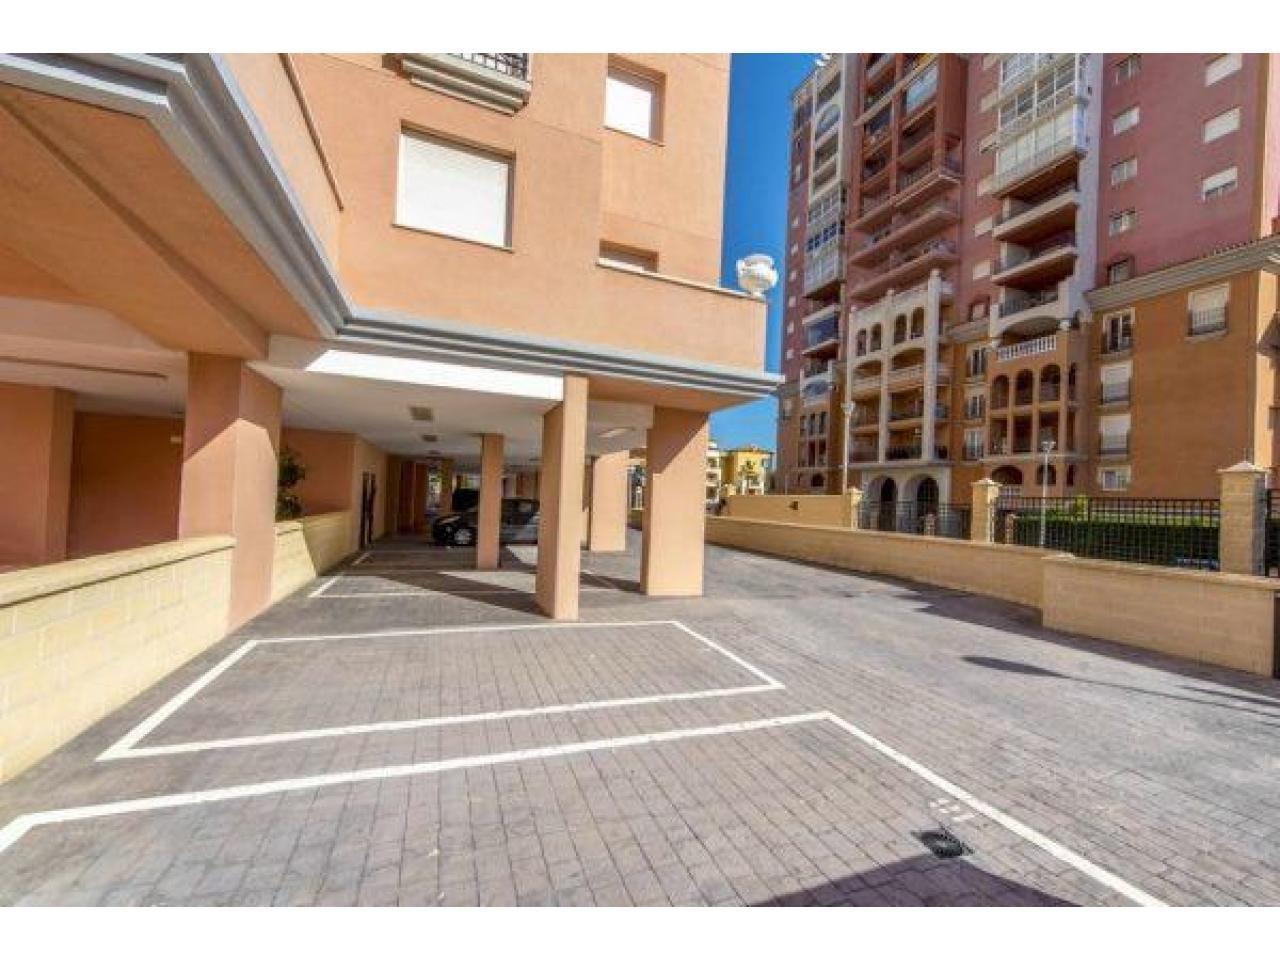 Недвижимость в Испании, Квартира с видом на море в Торревьеха,Коста Бланка,Испания - 10